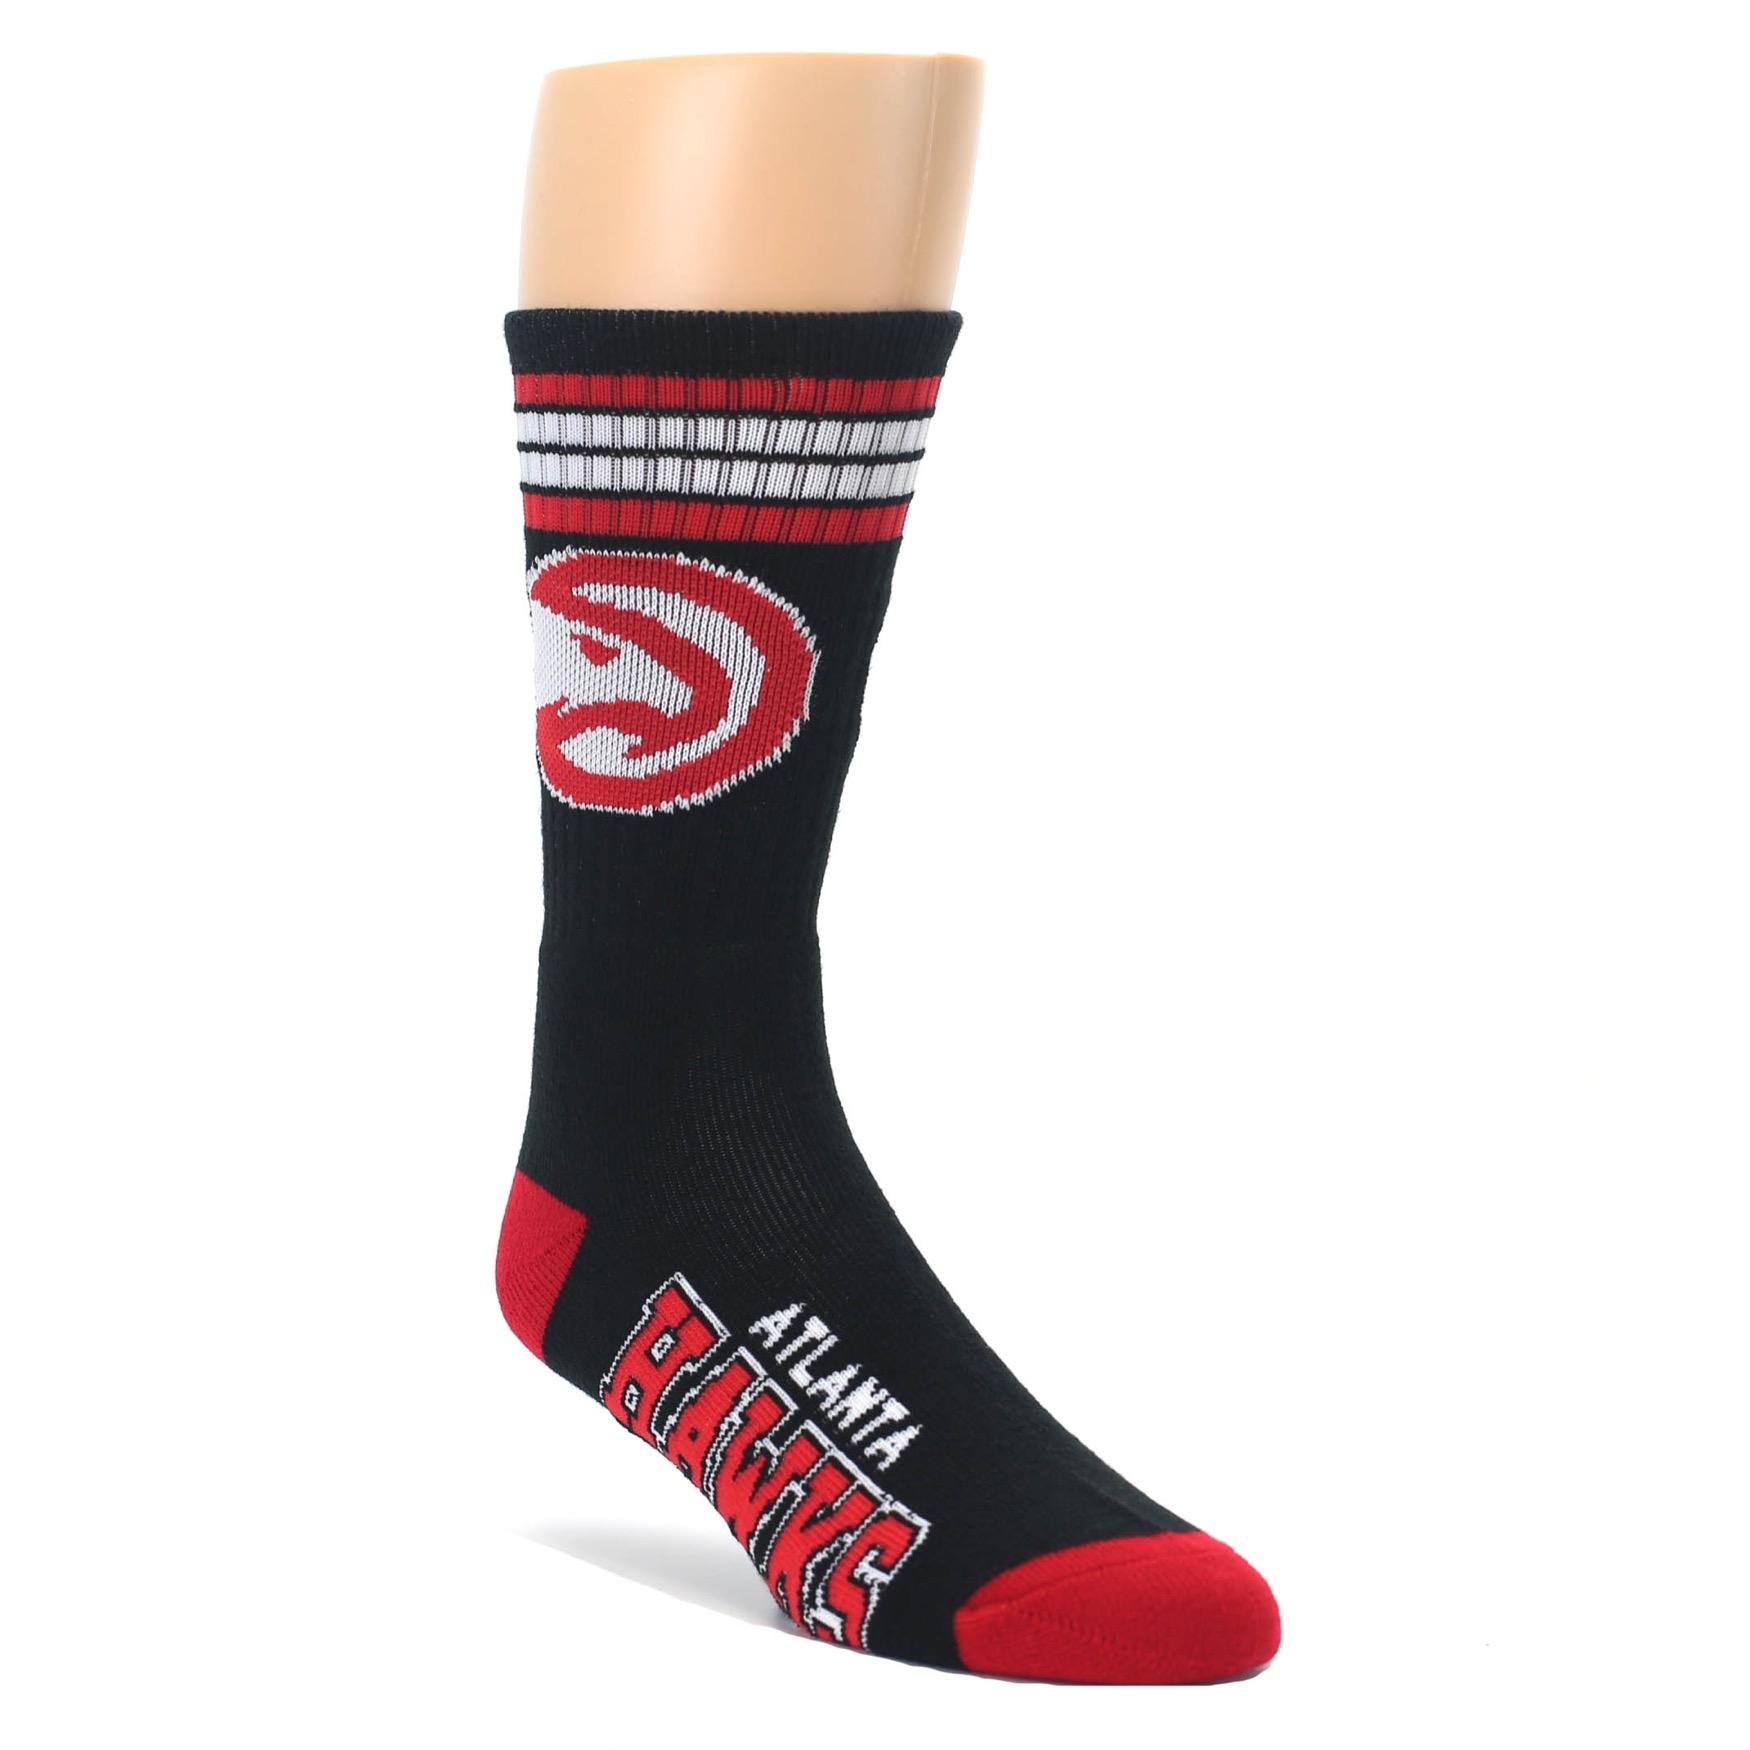 b1fa5a7ed68a5 Atlanta Hawks Men's Athletic Crew Socks - FBF Originals